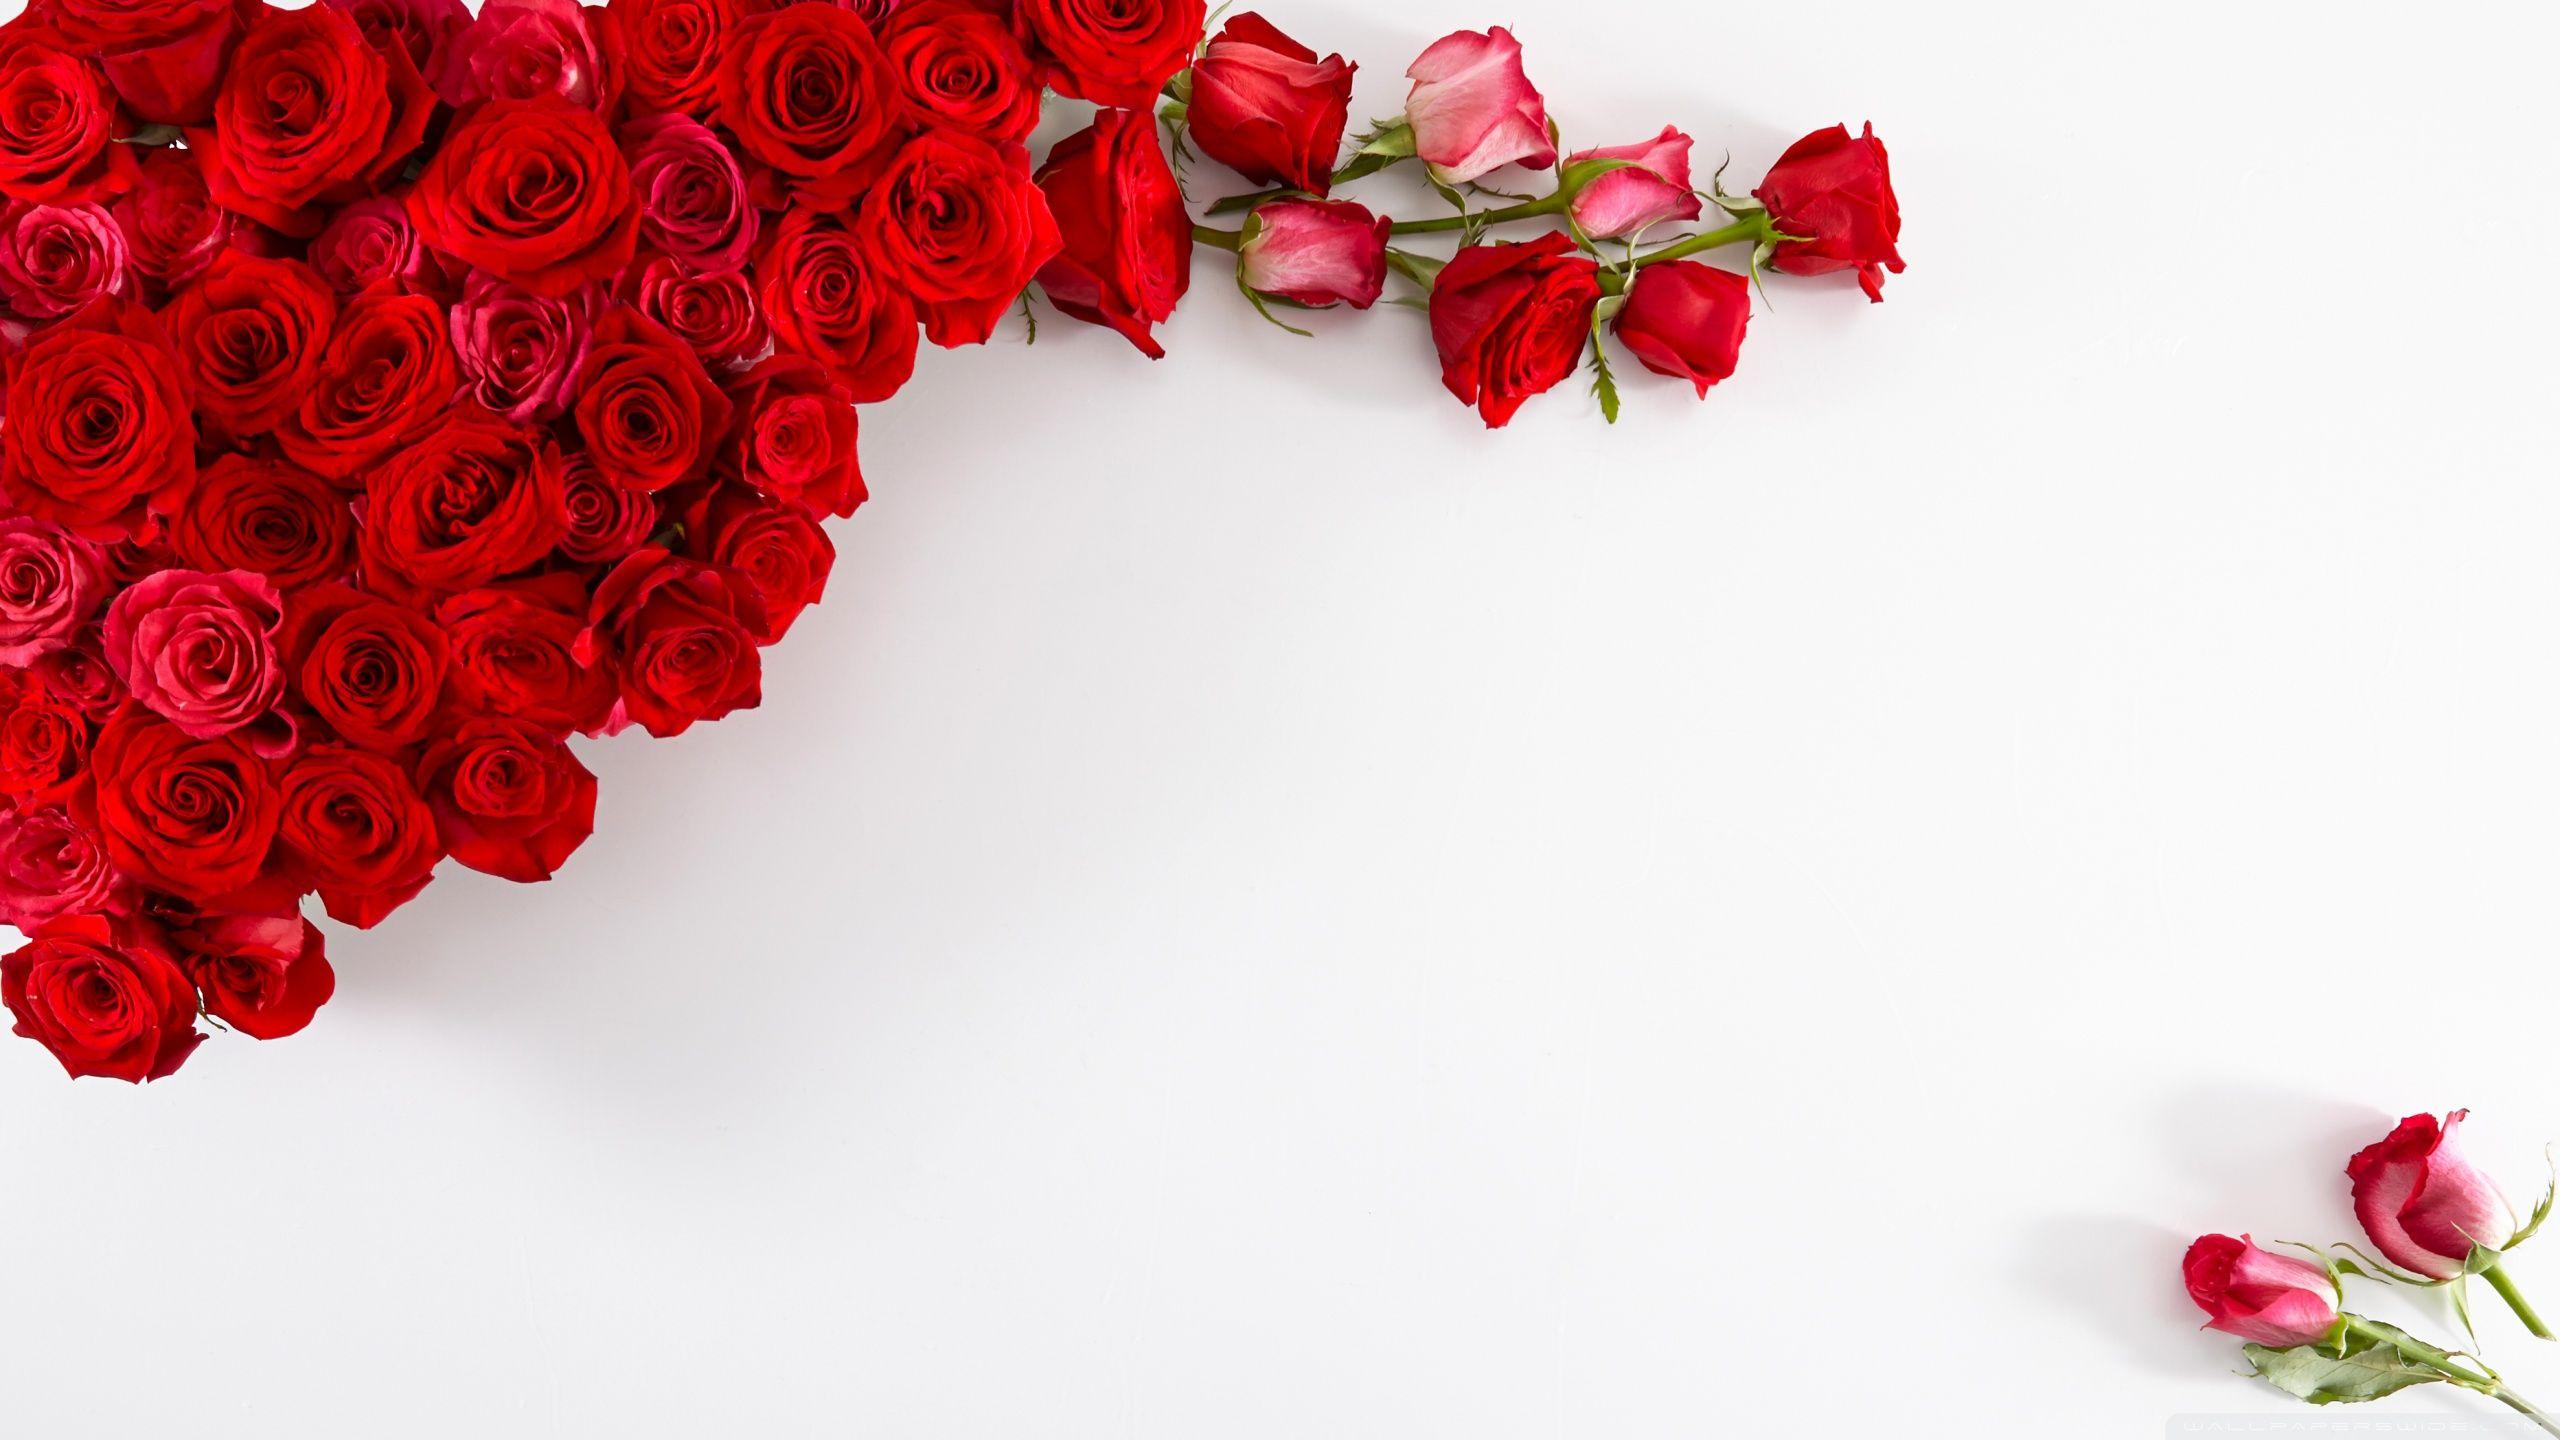 Открытка с розами на белом фоне